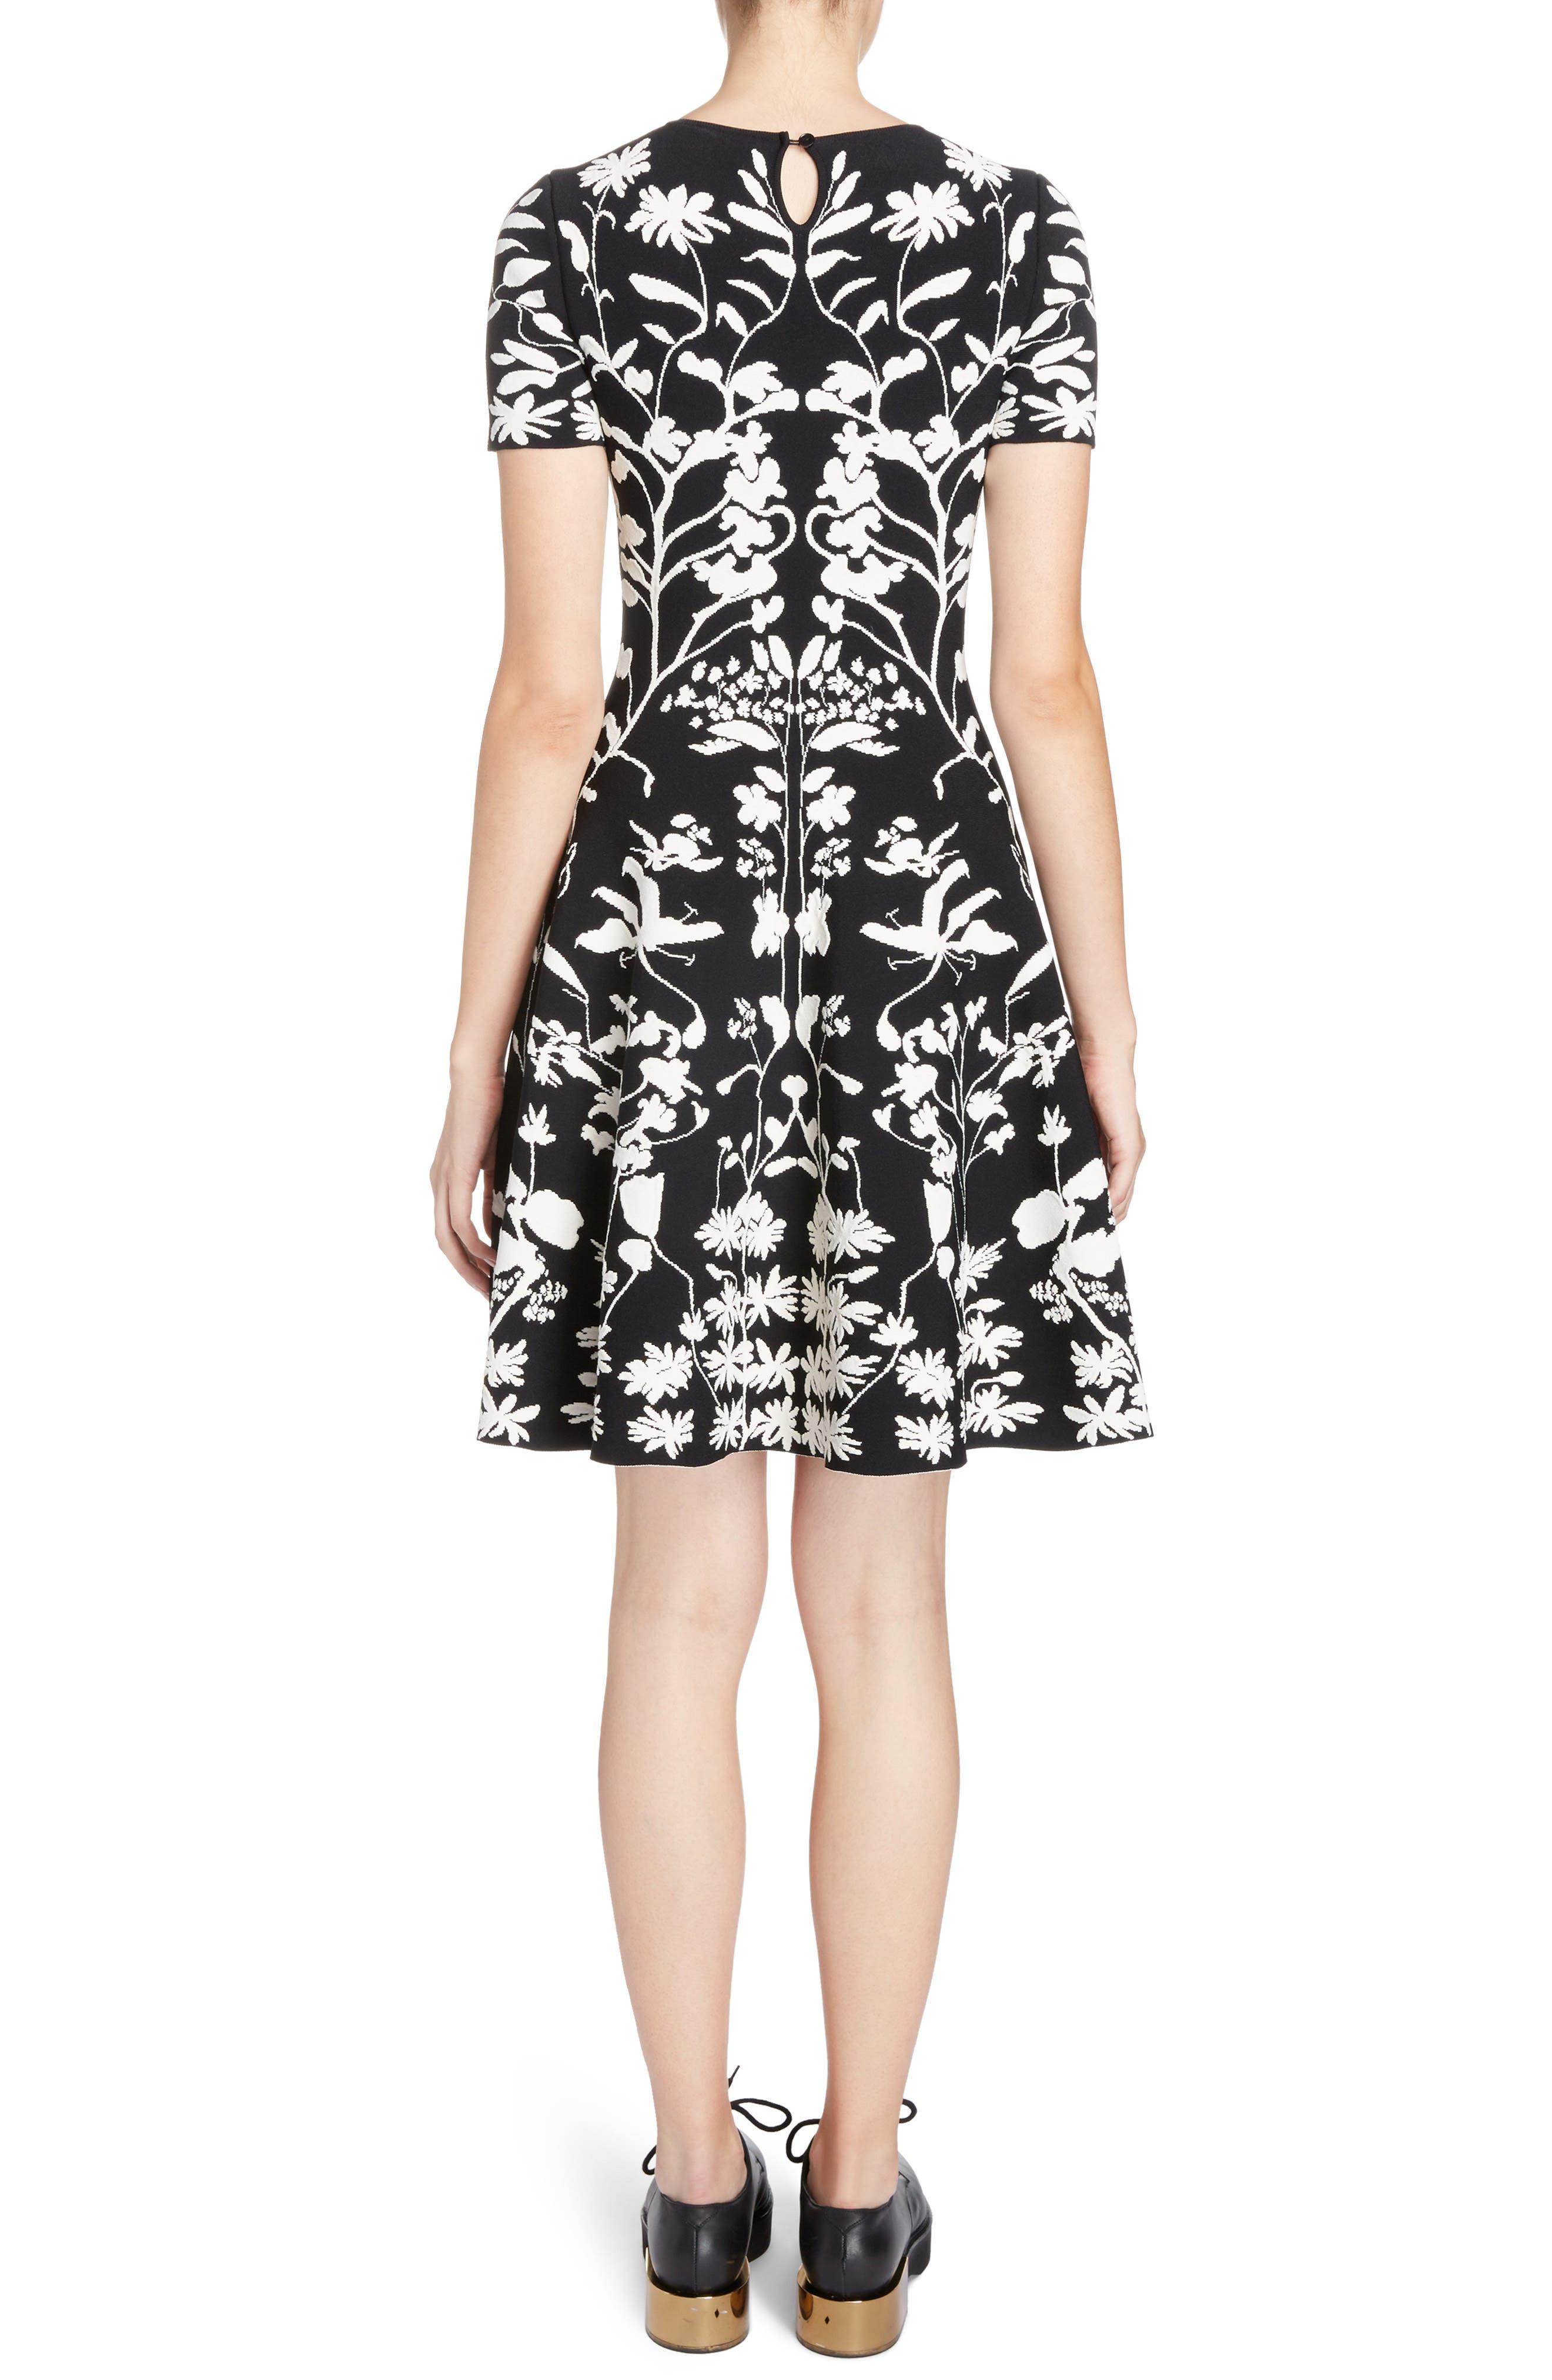 Botanical Jacquard Knit Flounce Dress,                             Alternate thumbnail 2, color,                             Black/ Ivory